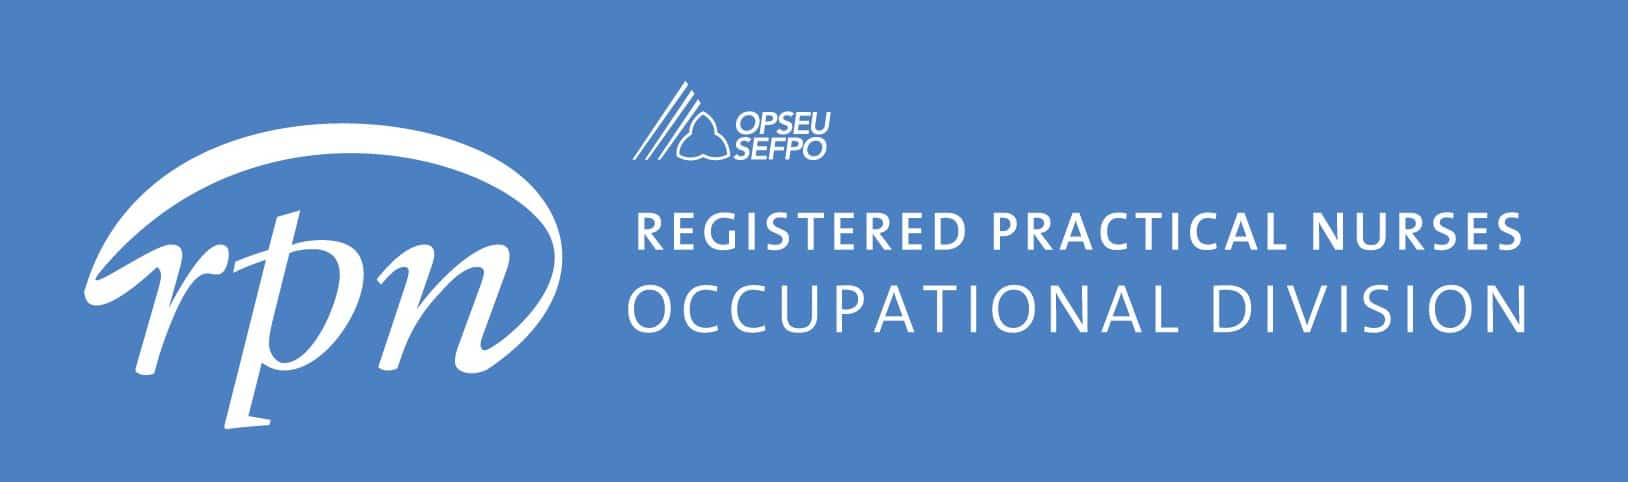 RPN: Registered Practical Nurses Occupational Division